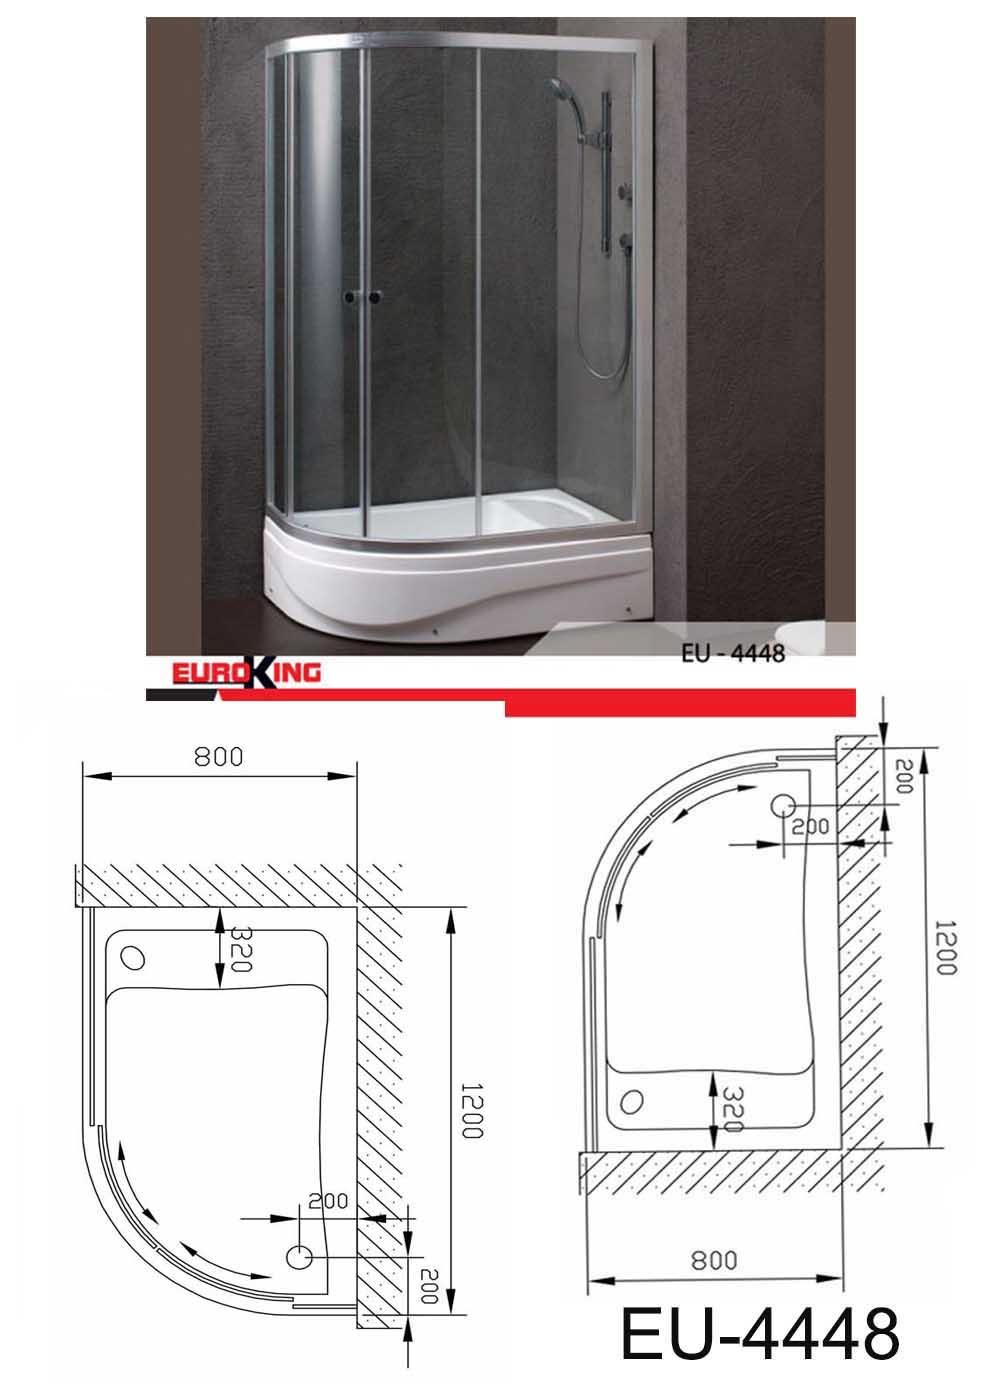 Bảng vẽ kỹ thuật EU-4448B